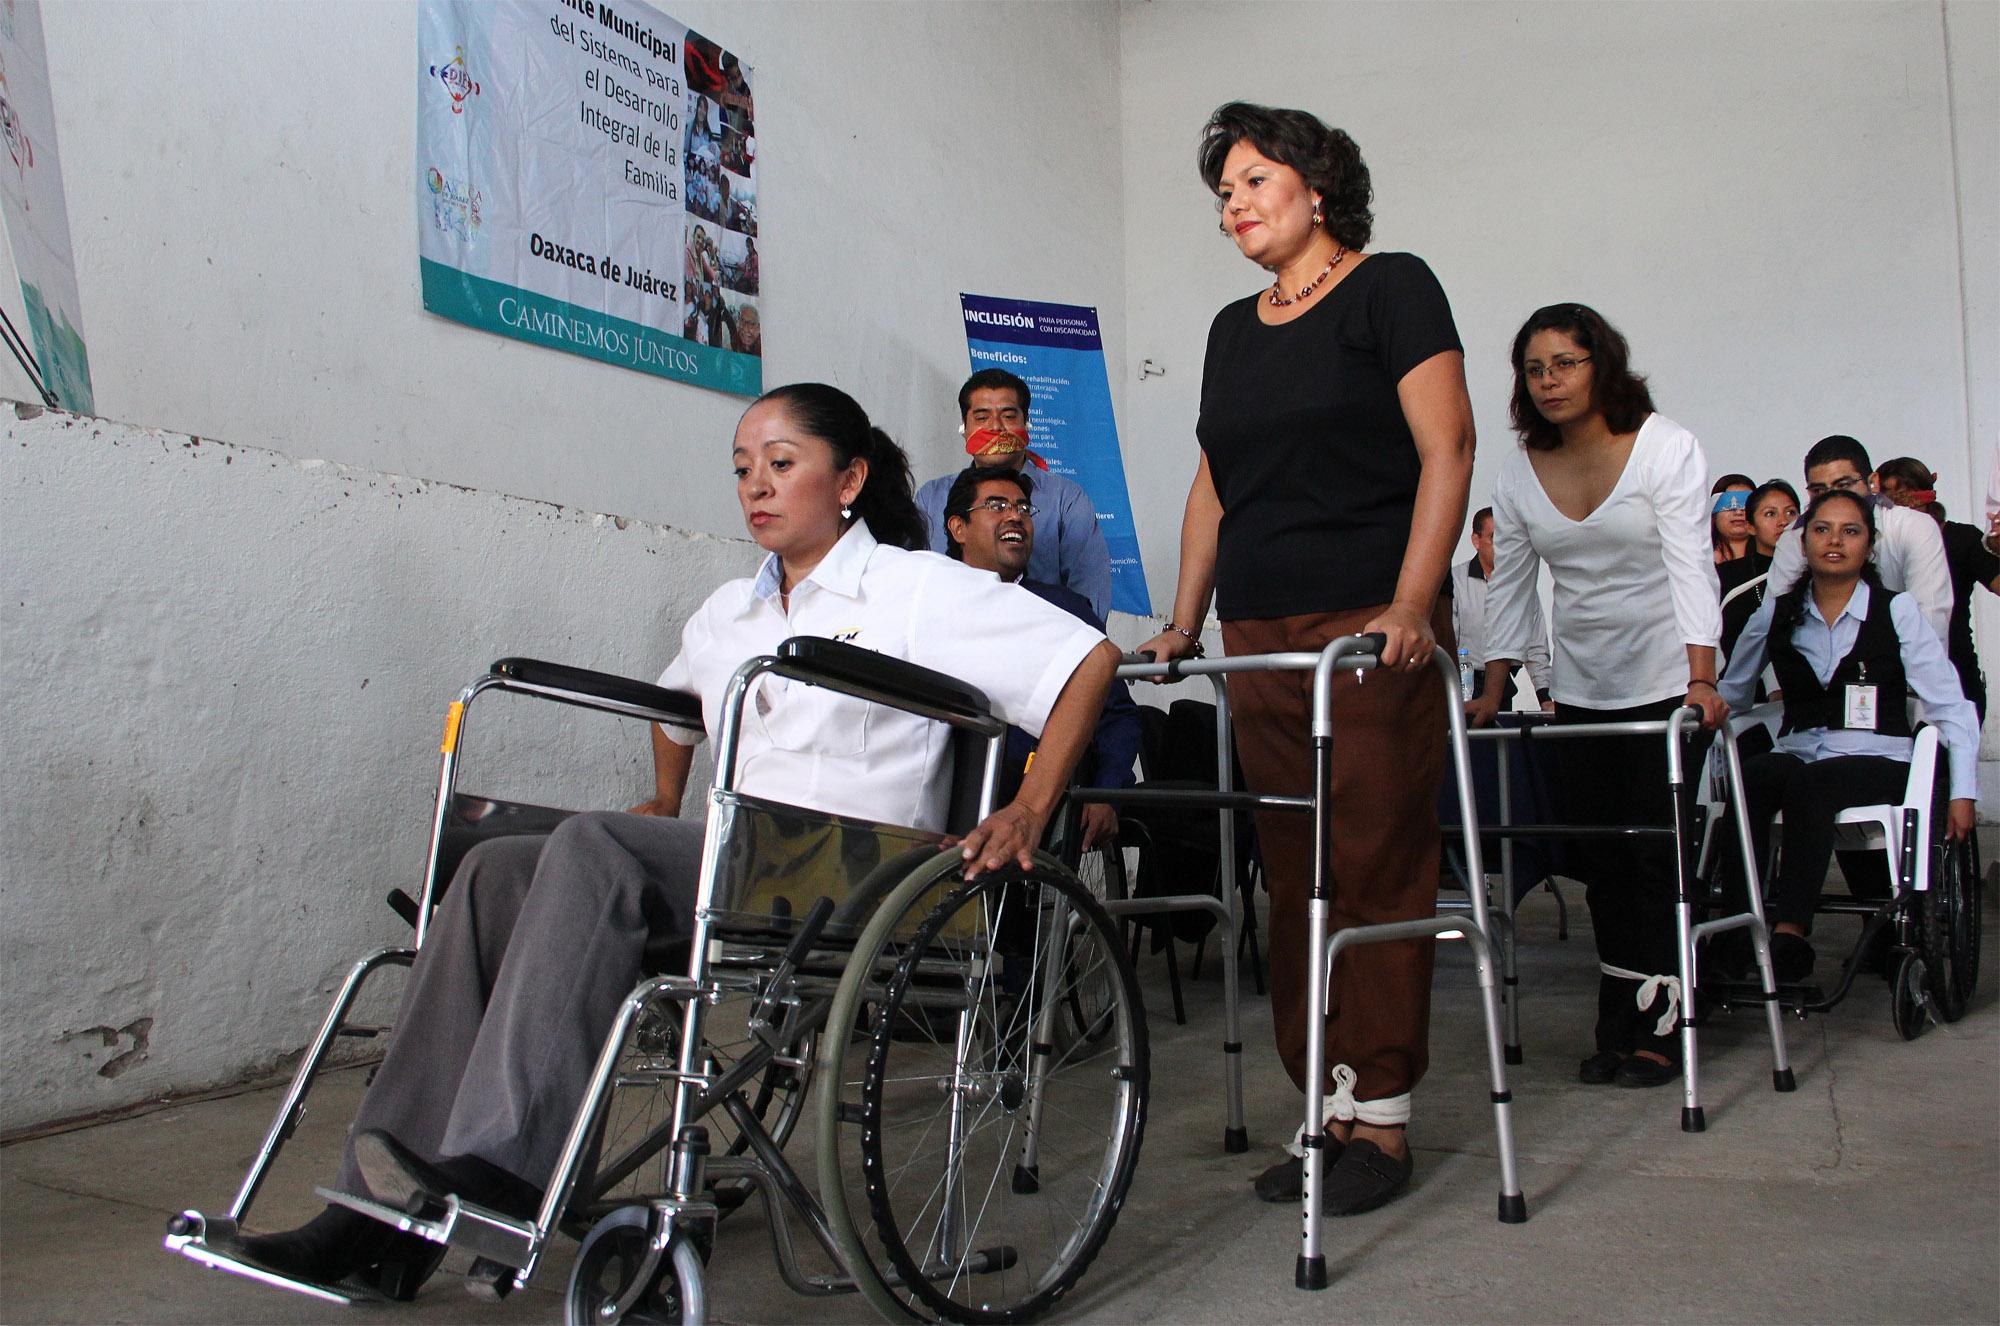 INICIAR SESIÓN EN EL CONAPDIS